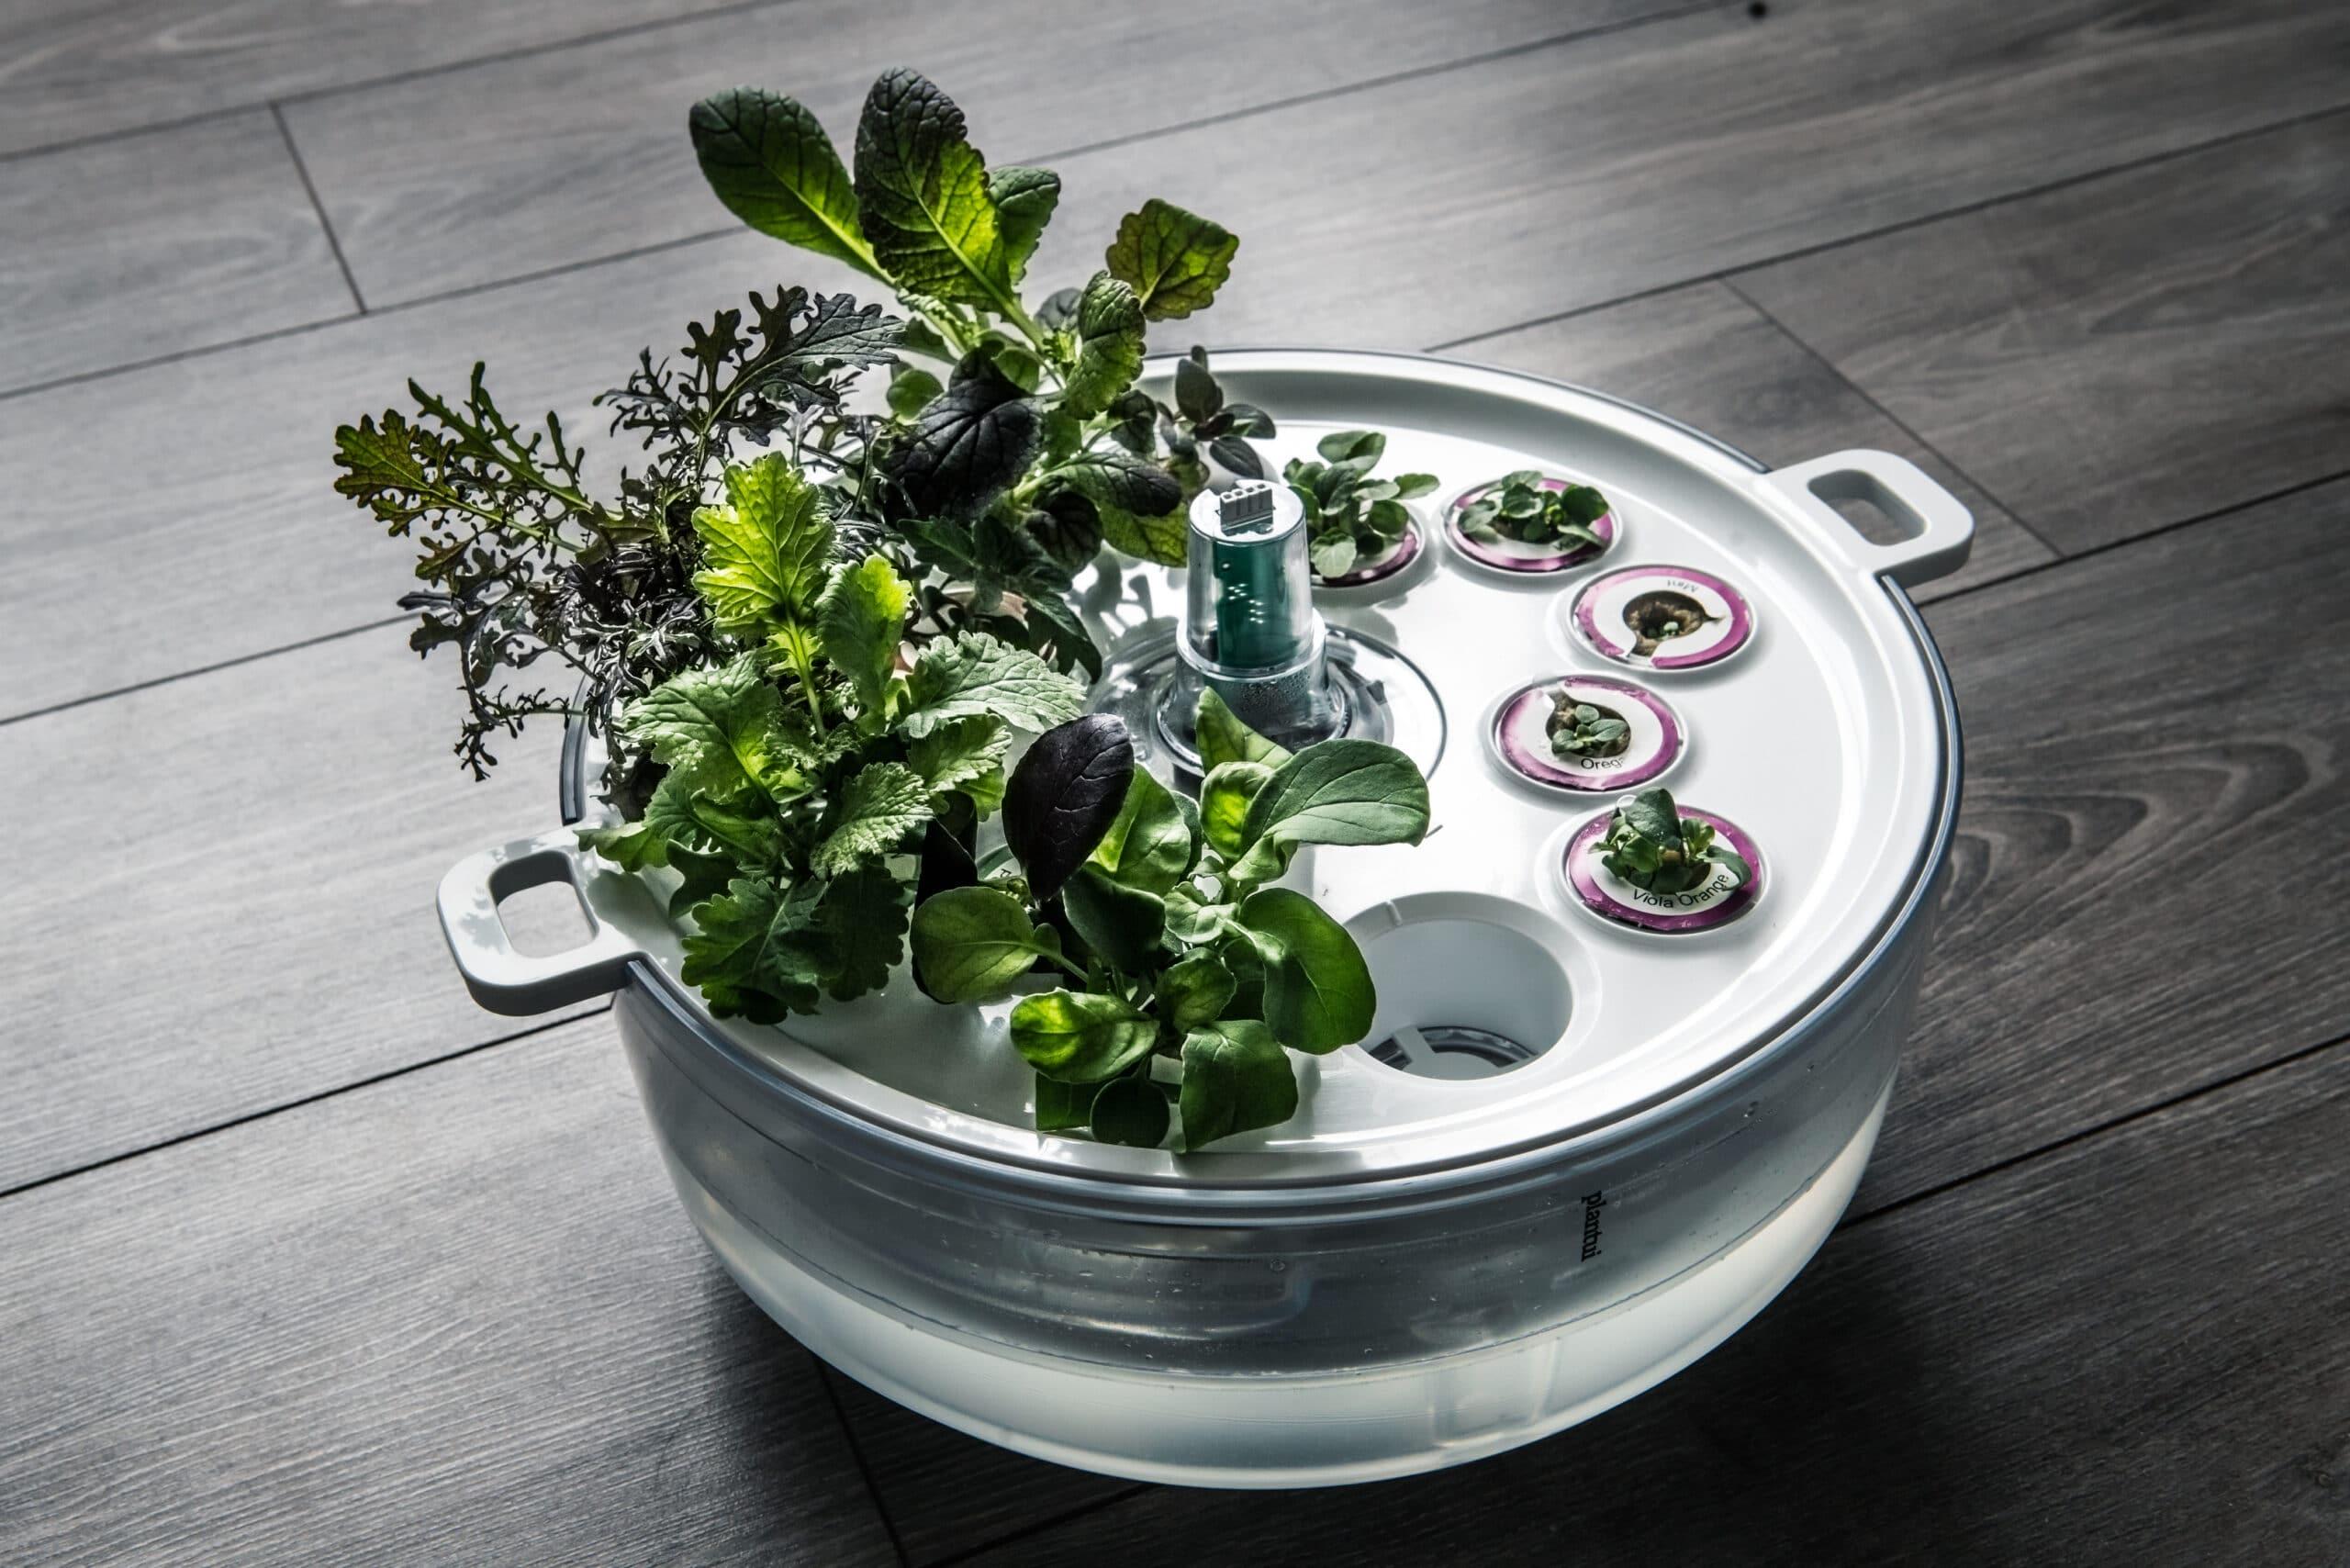 Taimien esikasvatus: näin saat terveet ja terhakat taimet nopeasti